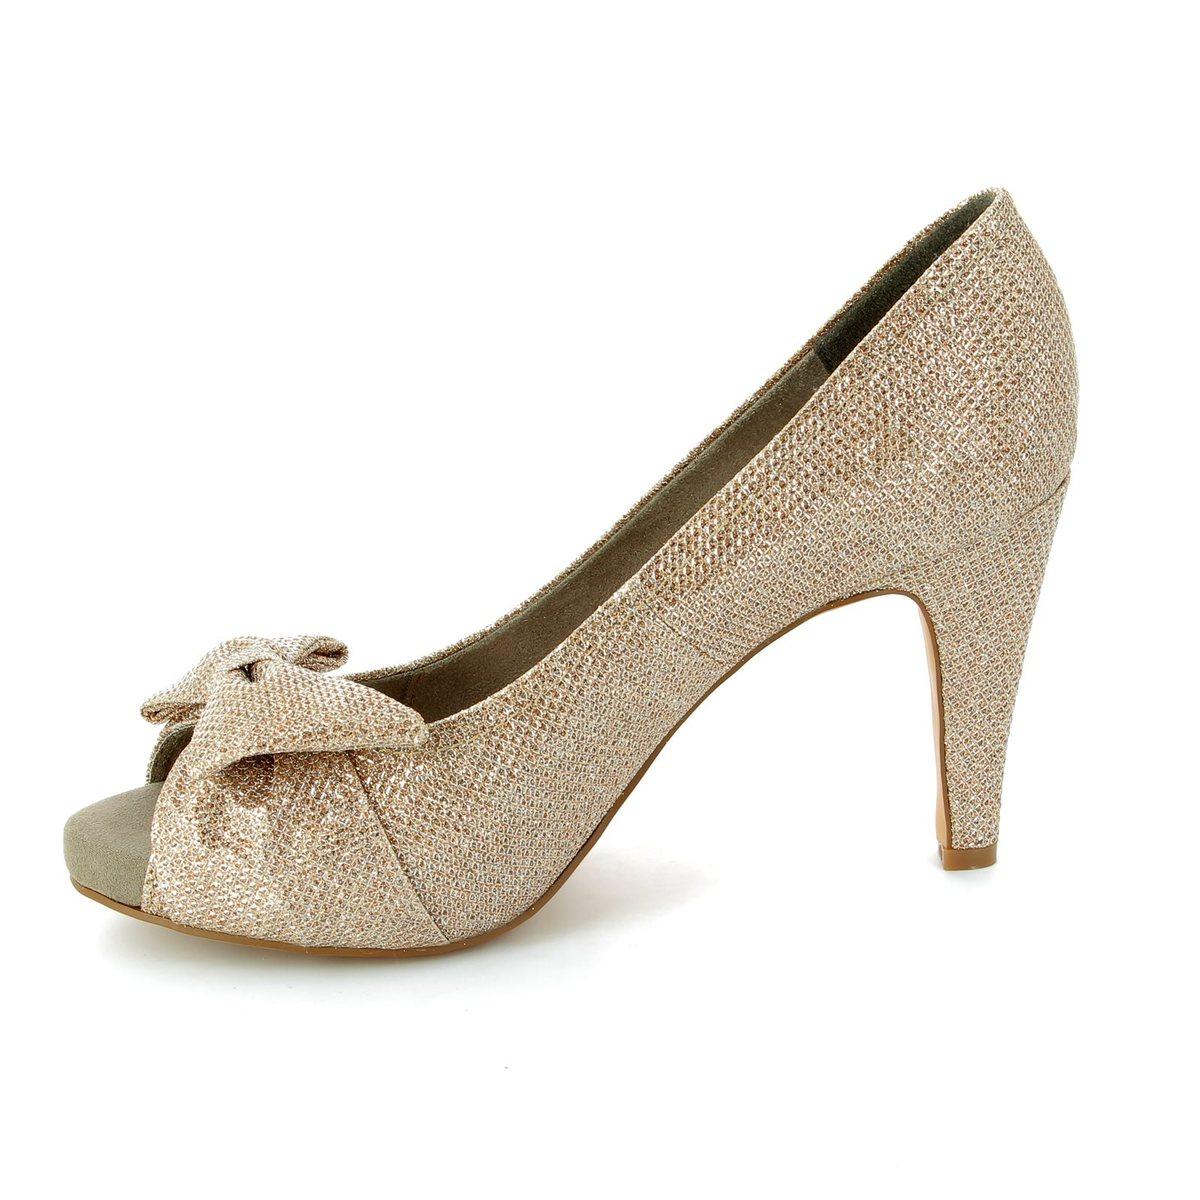 tamaris geiger 29300 970 gold high heeled shoes. Black Bedroom Furniture Sets. Home Design Ideas